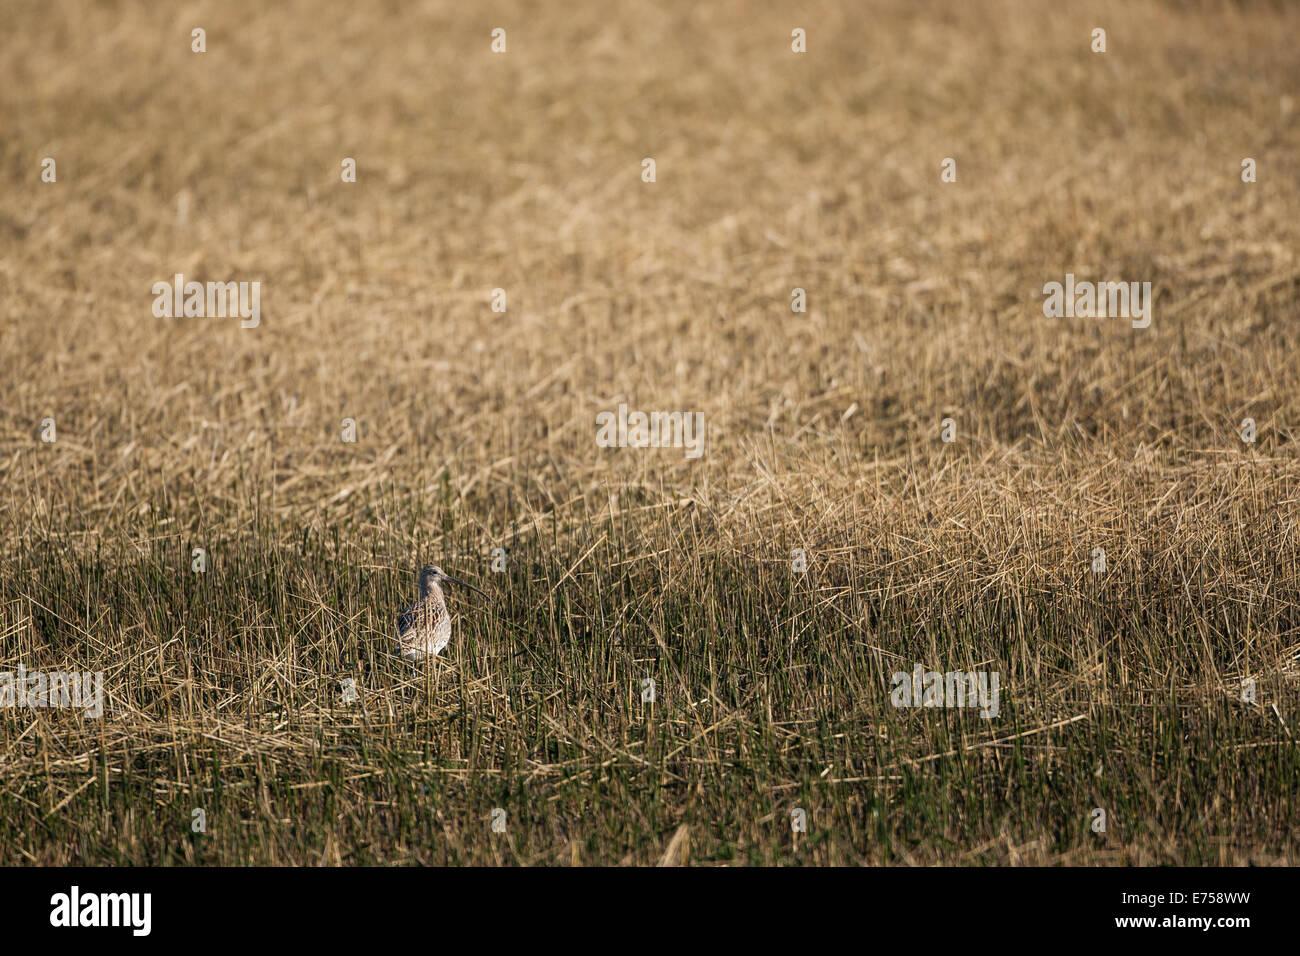 A Curlew in Estuarine Habitat - Stock Image